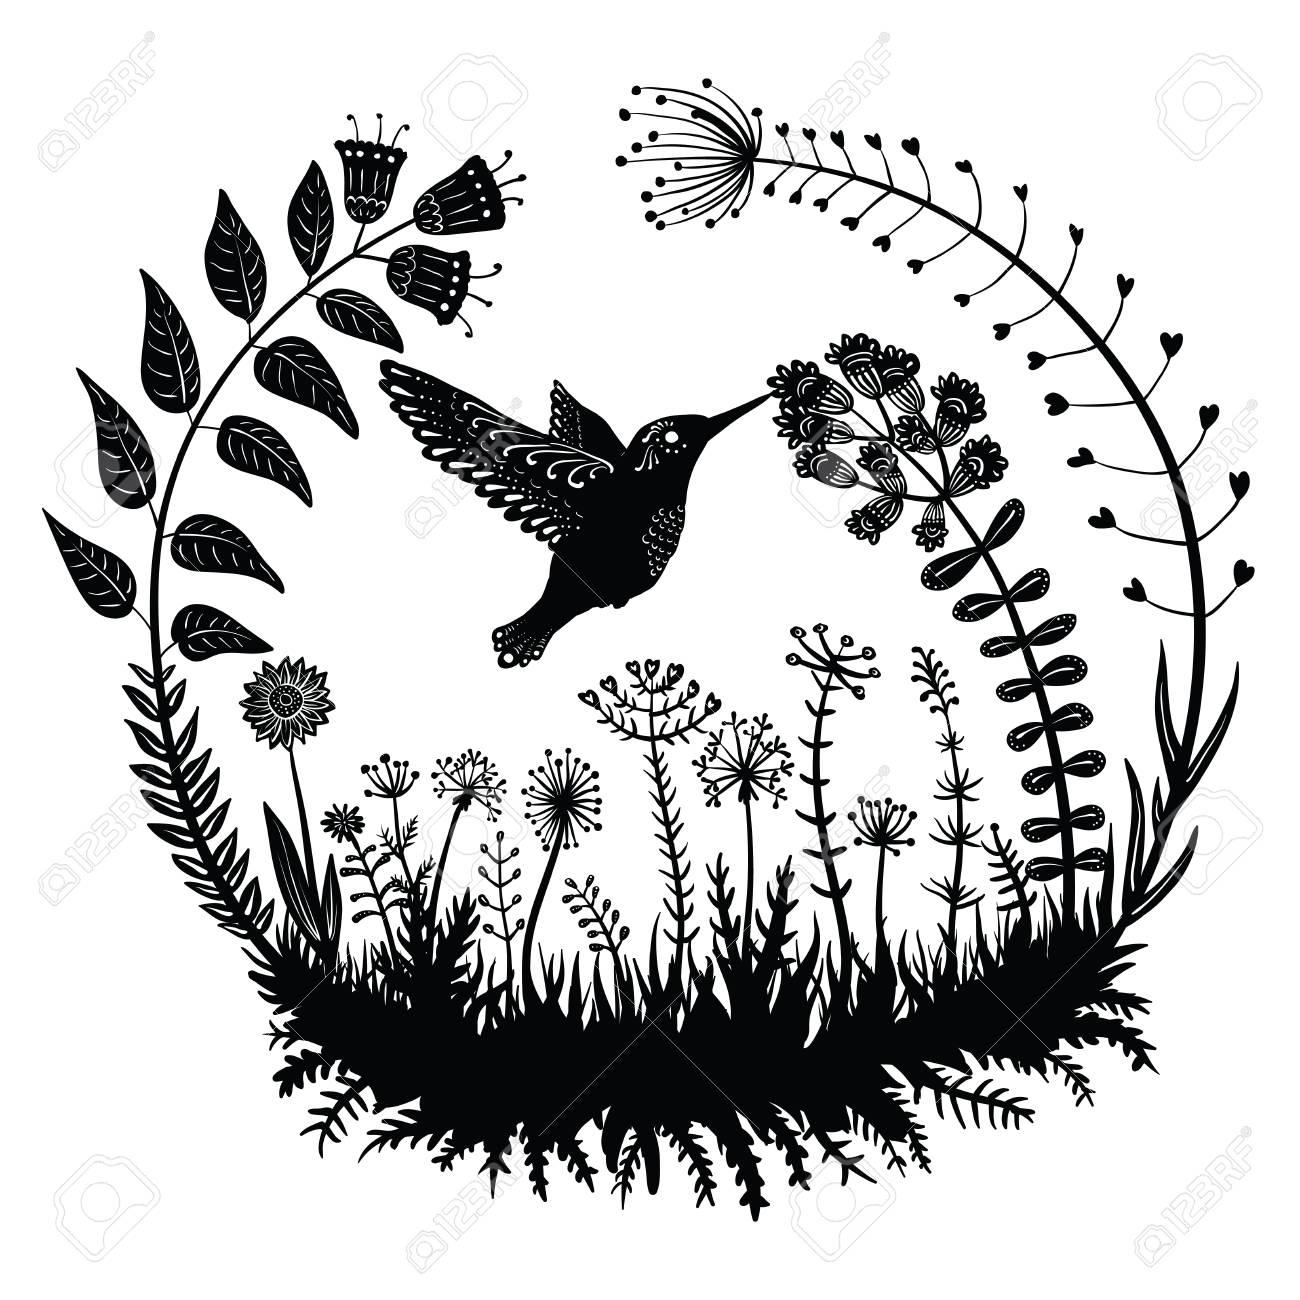 Vector Illustration Stylisé Nectar Colibri Potable De La Fleur Vol Doiseau Exotique Dans Lherbe Sur Le Terrain Plantes Dekrativnye Dans Un